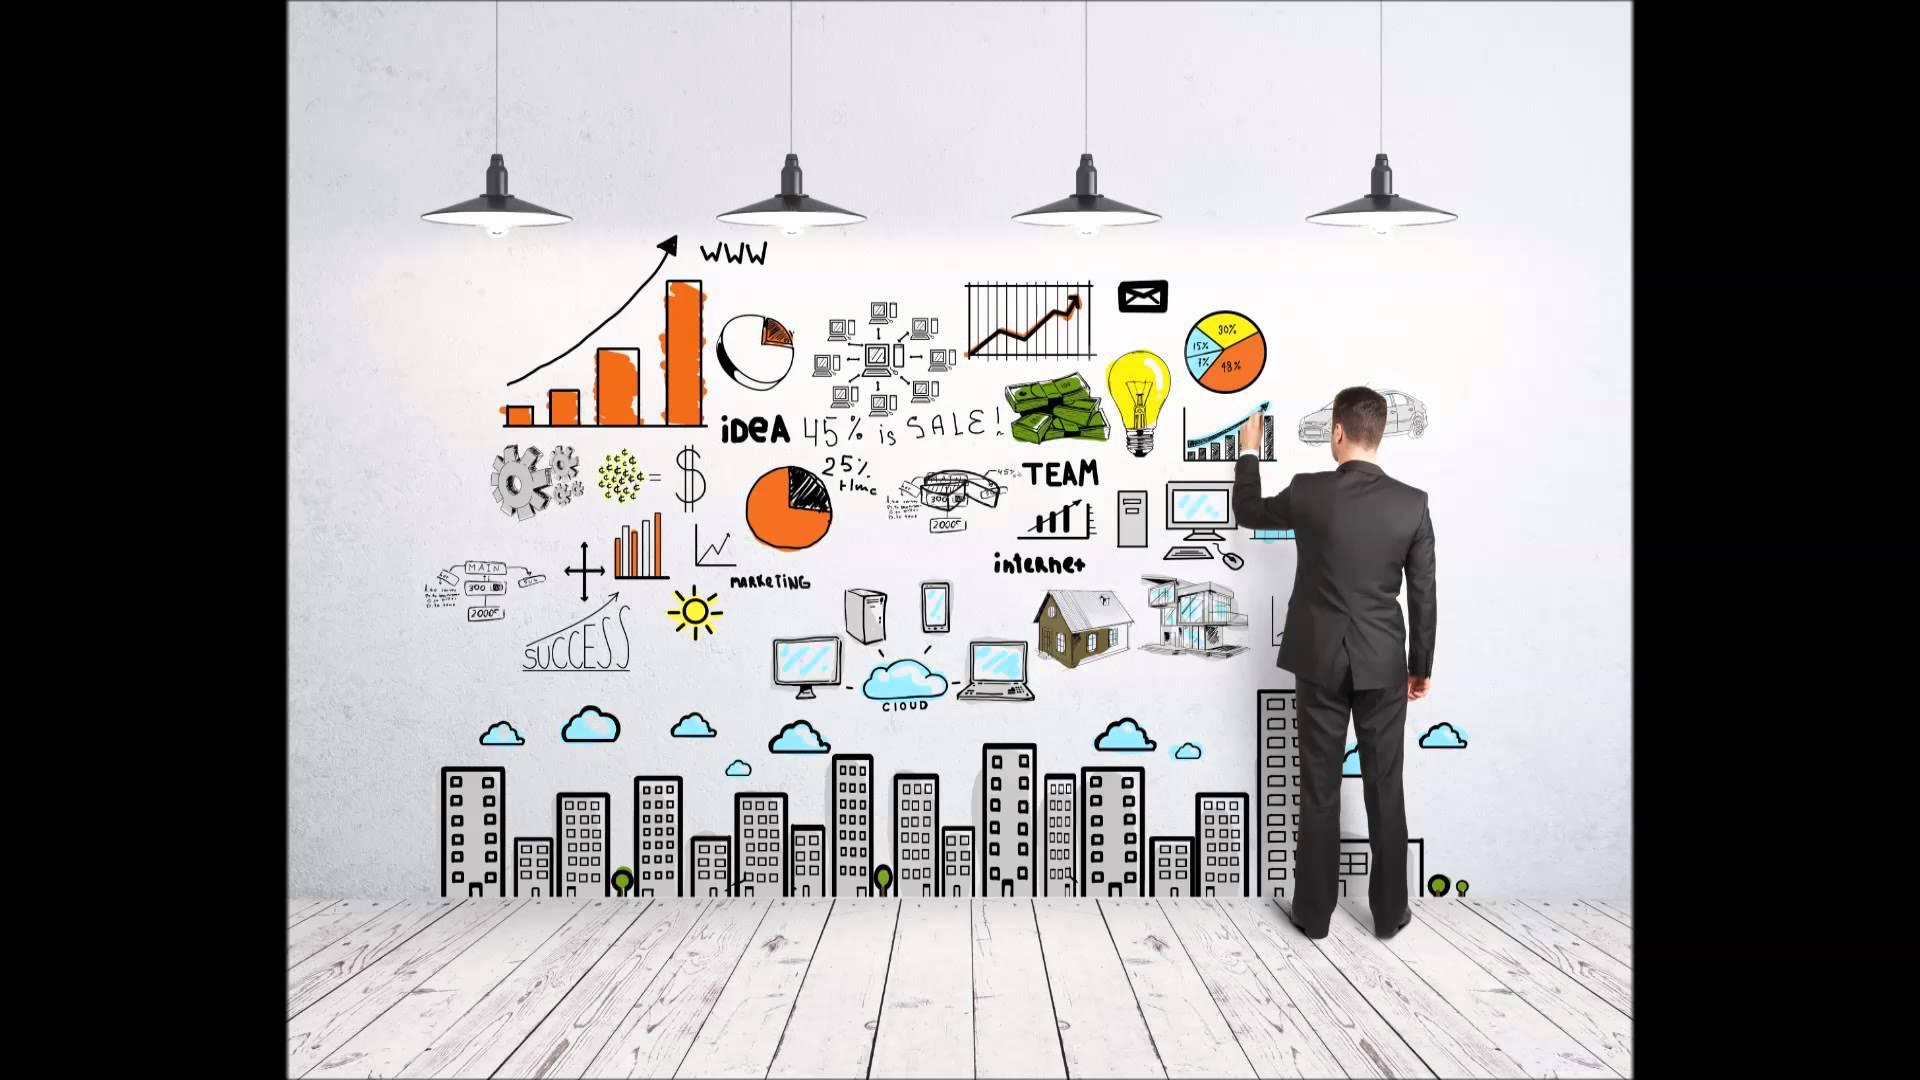 Мастер деловых коммуникаций: маркетинг, реклама, связи с общественностью